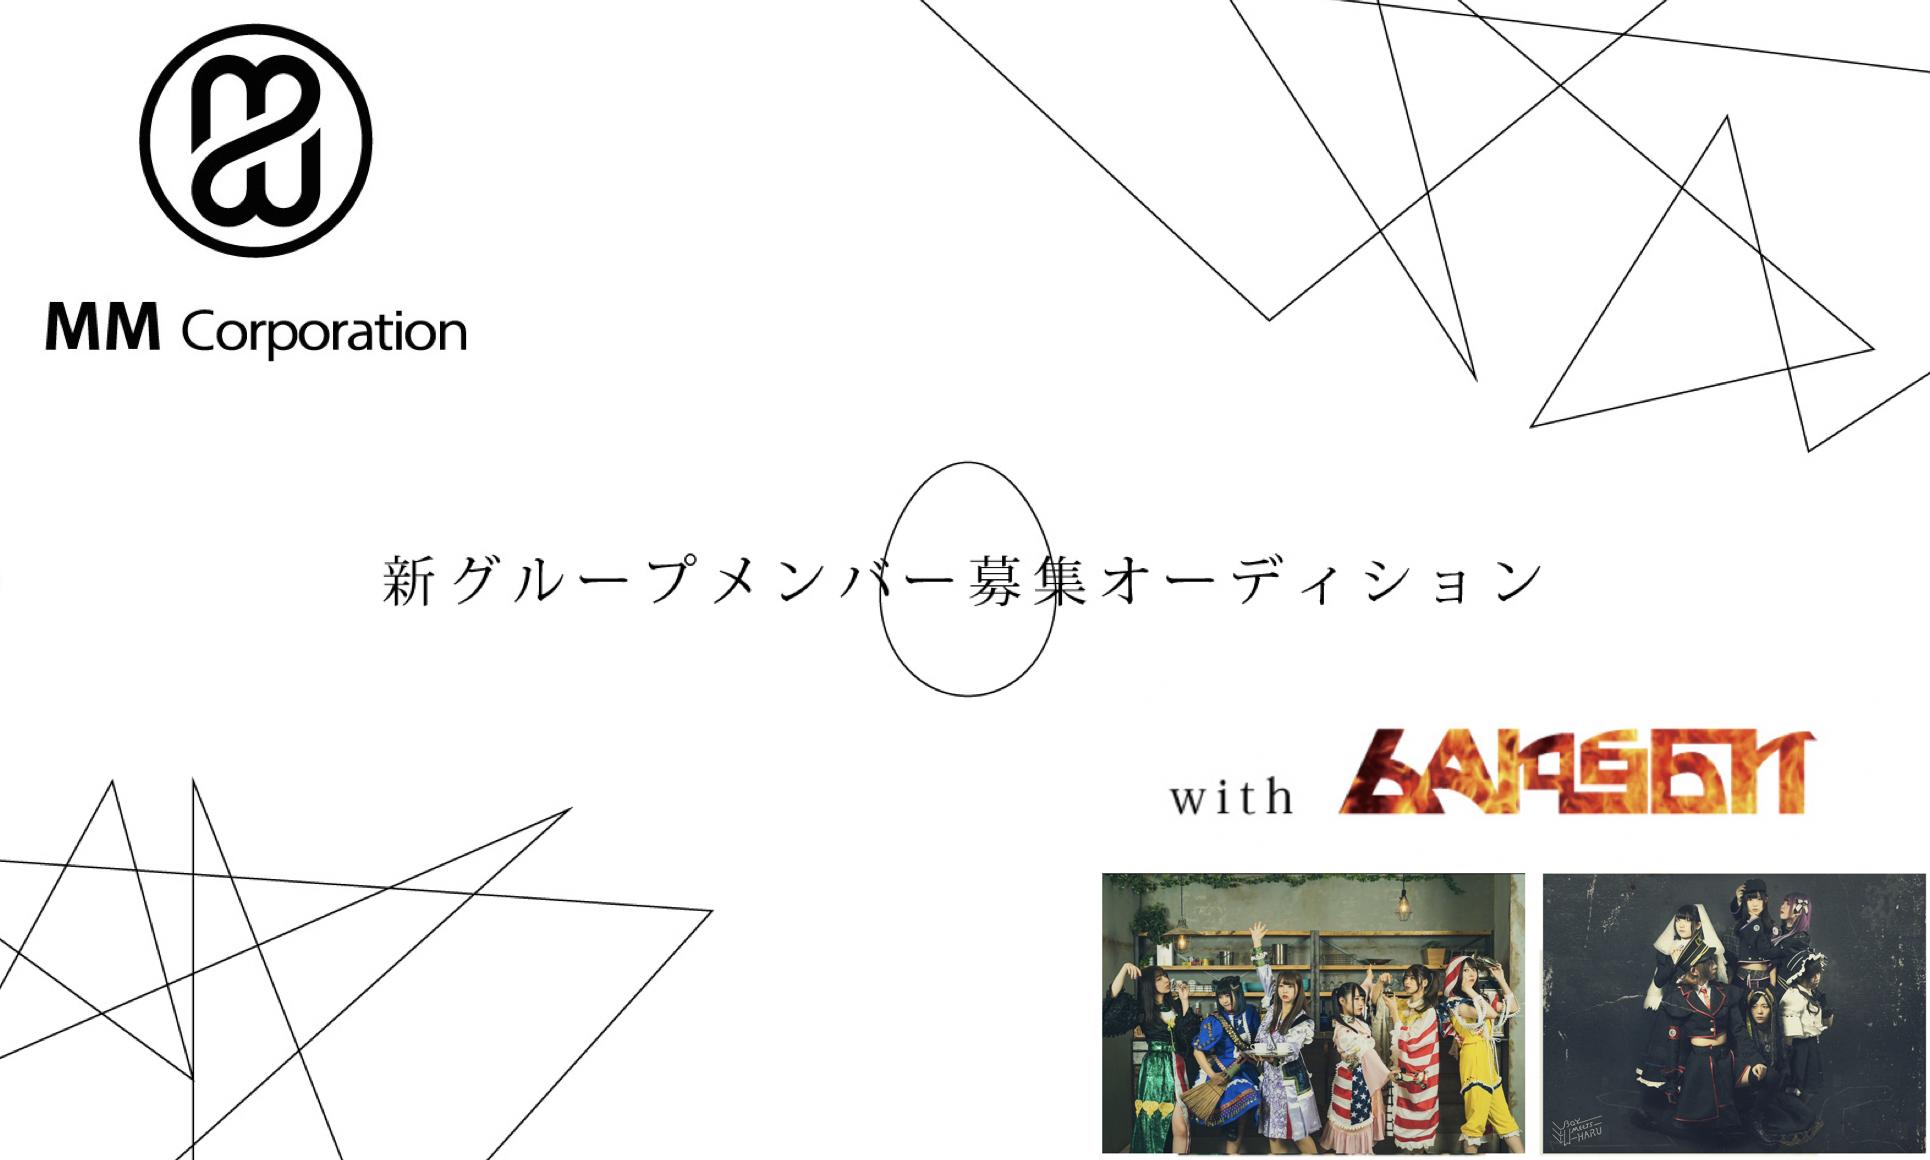 オーディション MM Corporation 王道アイドル初期メンバー募集 主催:株式会社MM Corporation エンターテイメント事業部、カテゴリ:アイドル(正統派)